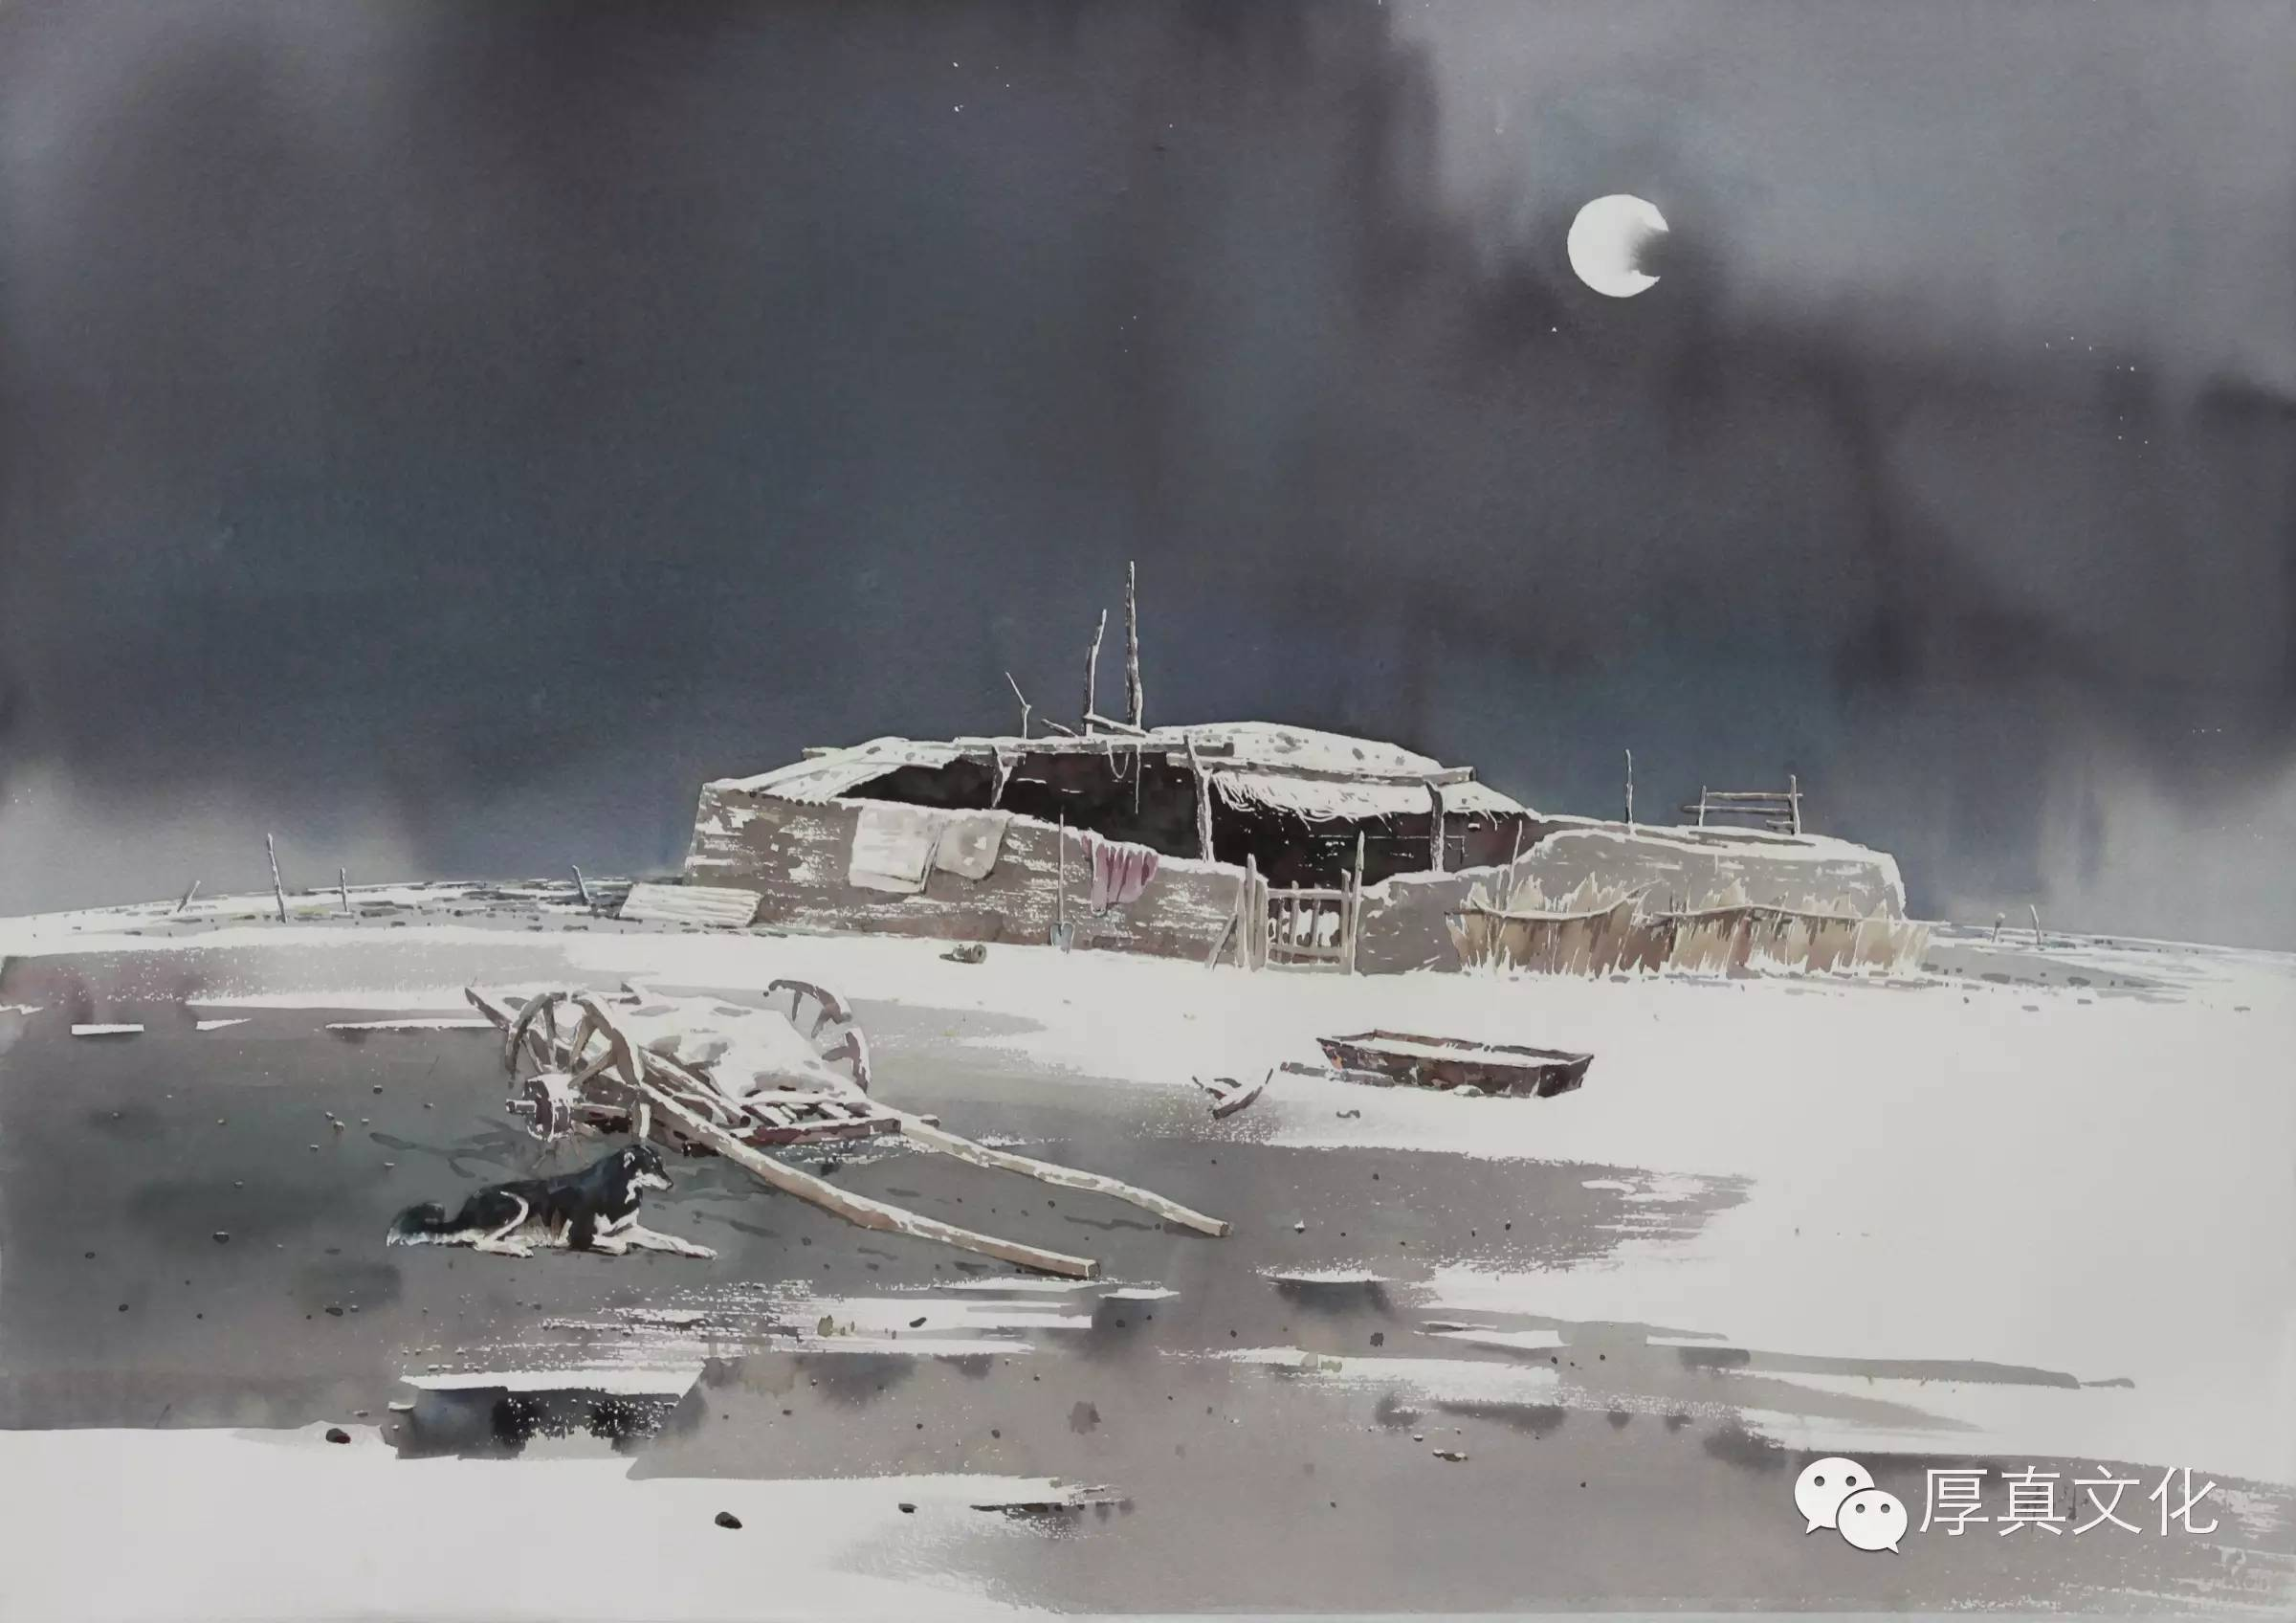 【蒙古人】美术家——云希望 第9张 【蒙古人】美术家——云希望 蒙古画廊